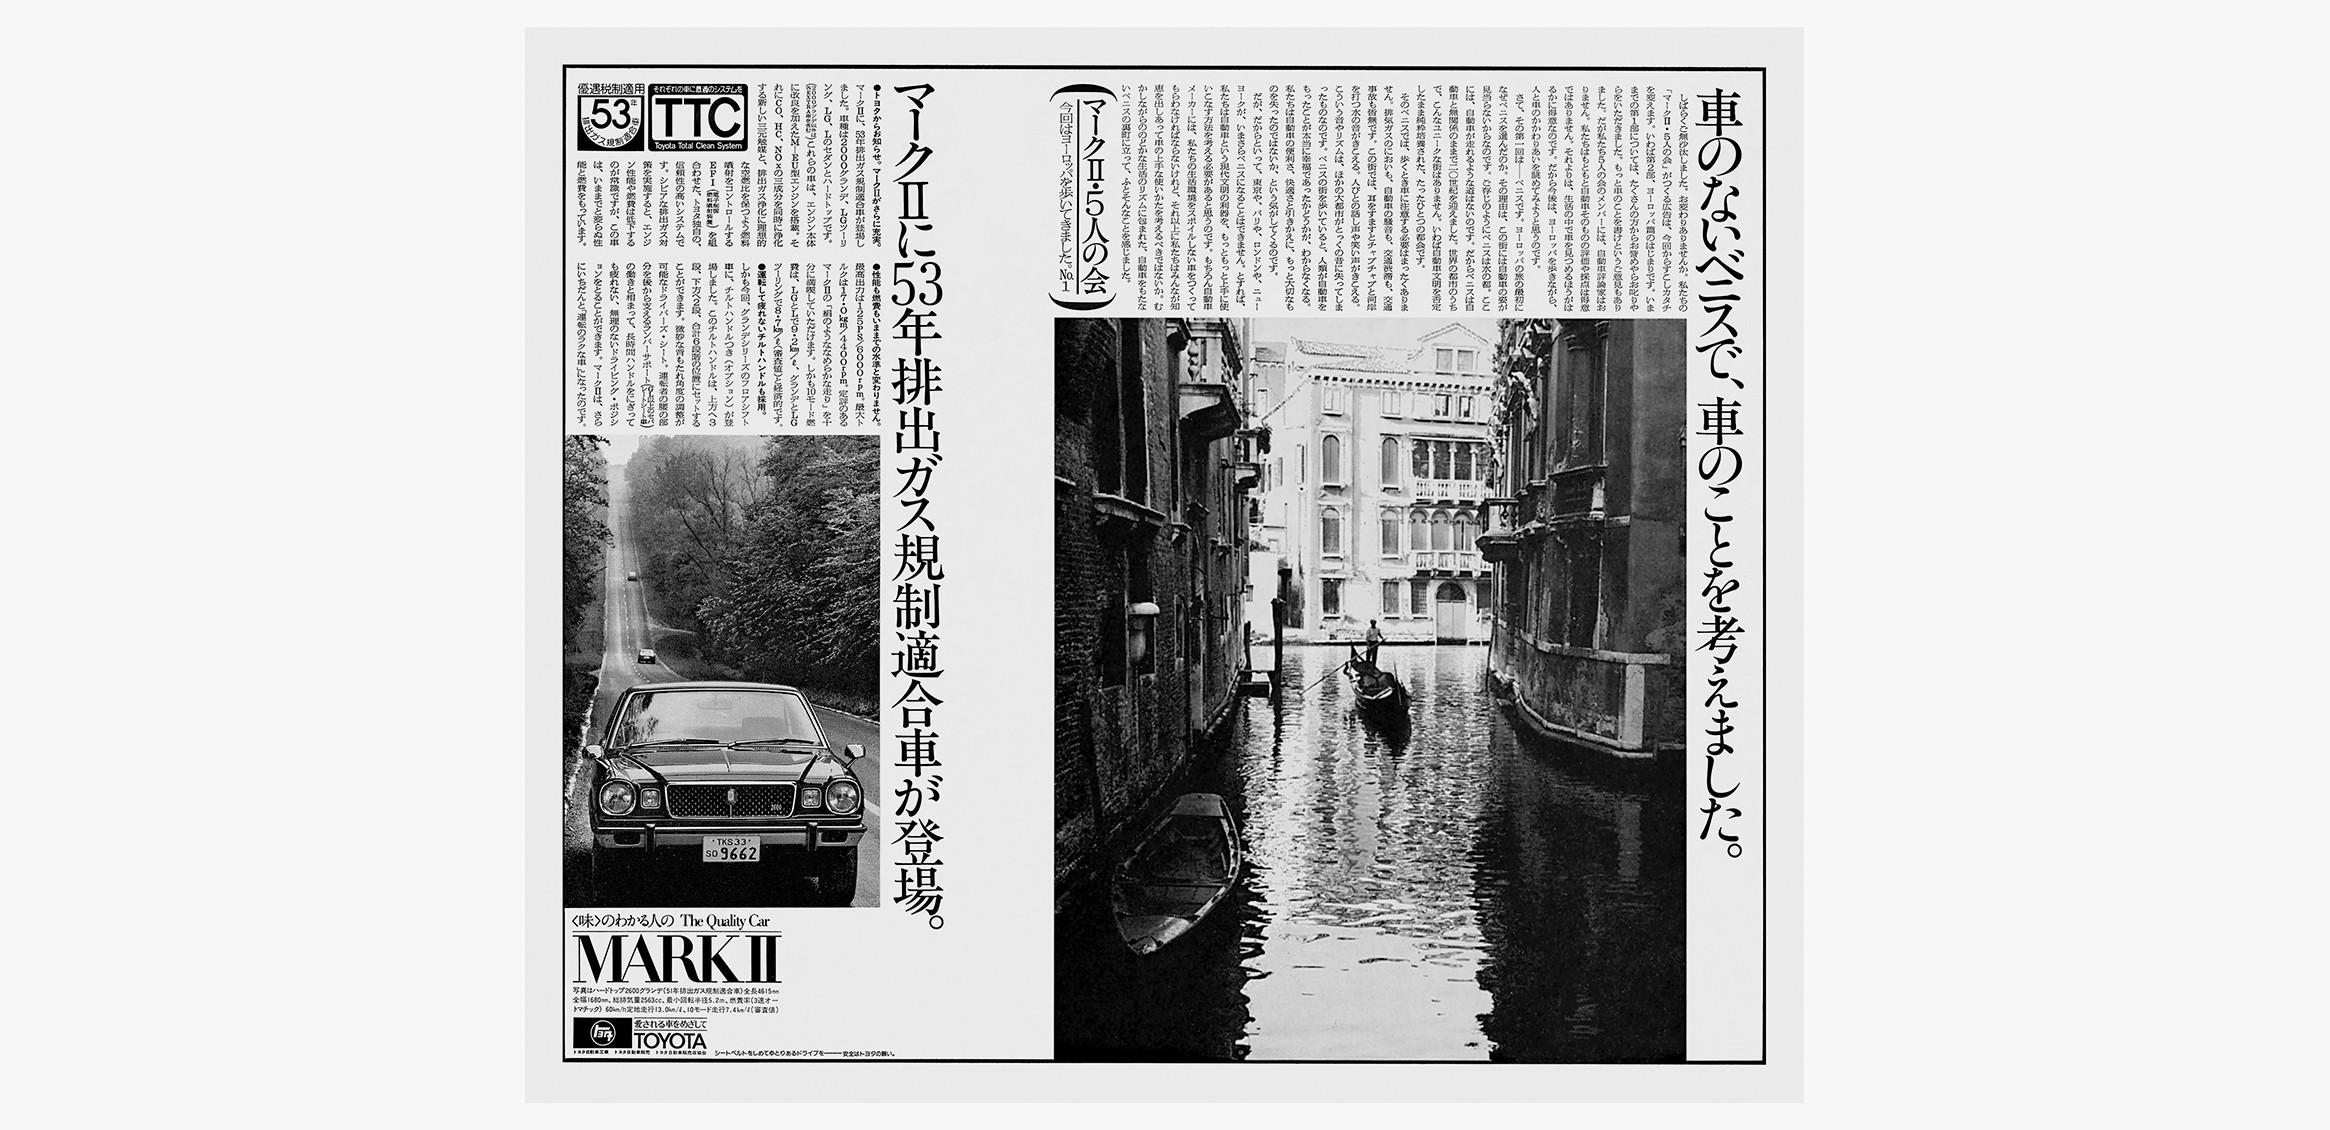 トヨタ自動車 「マークⅡ・5人の会」3枚目